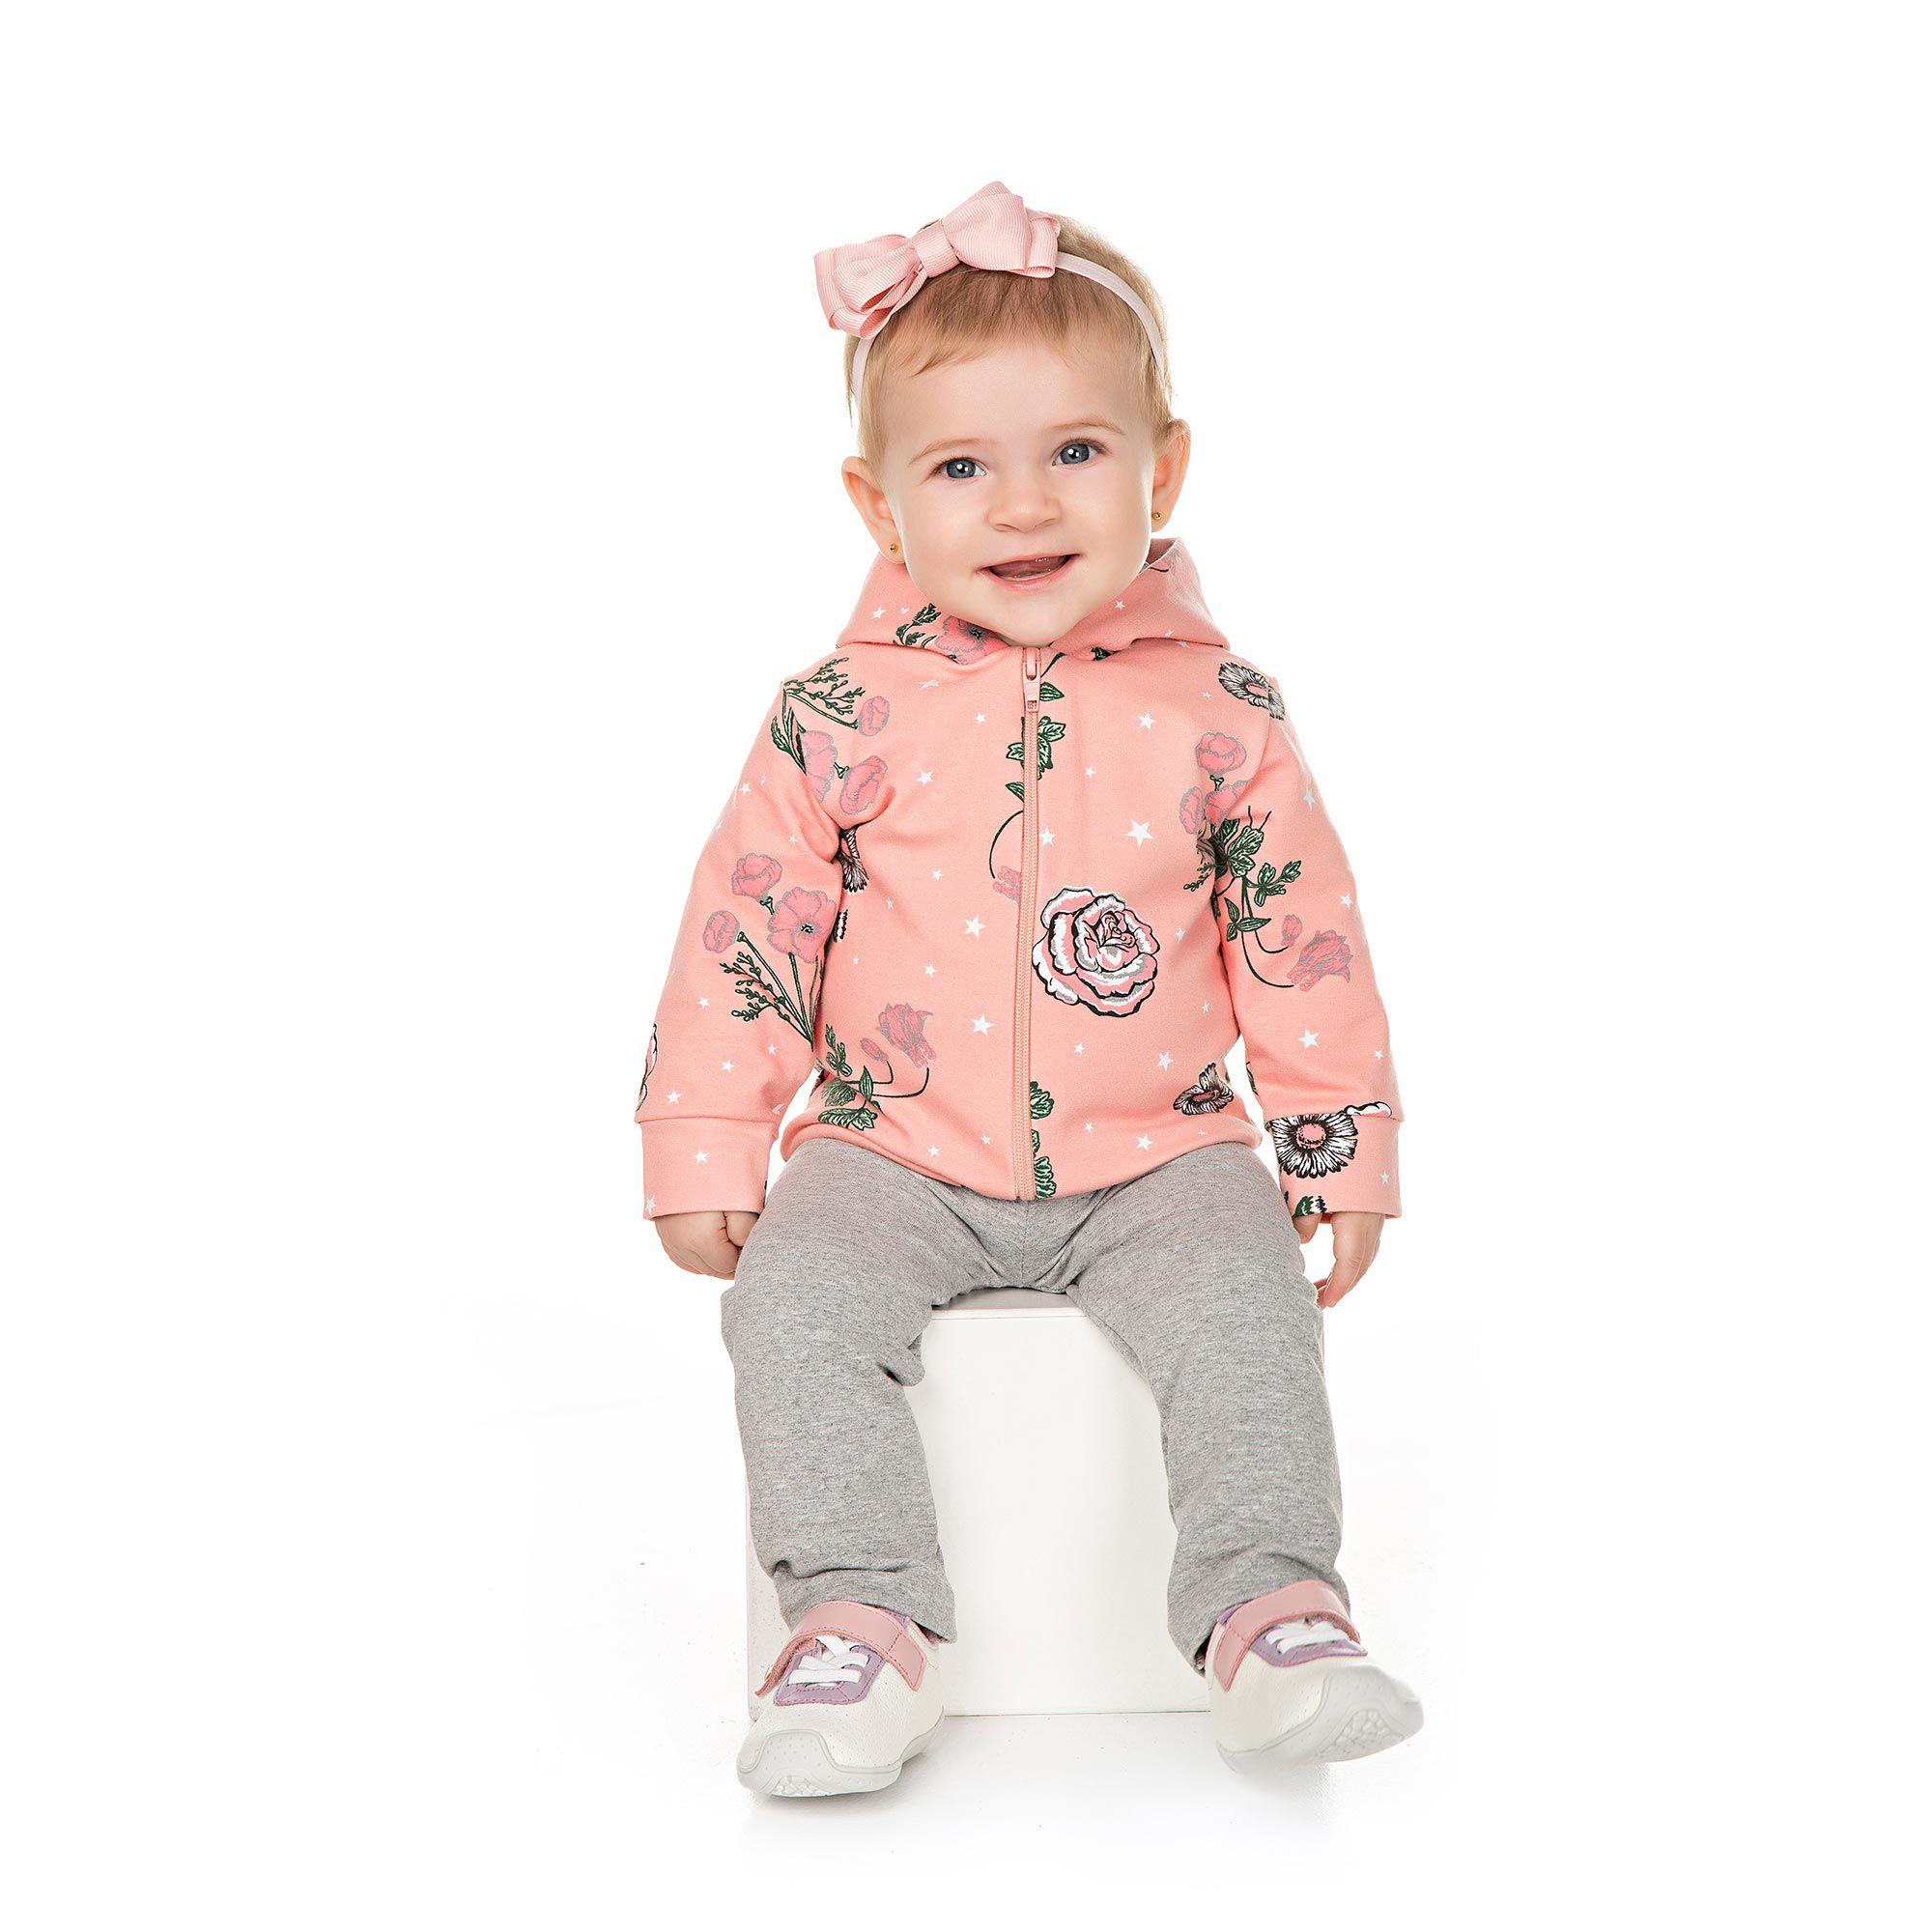 Conjunto Infantil para Bebê 2 peças - Ref 4933 - E21/Mescla